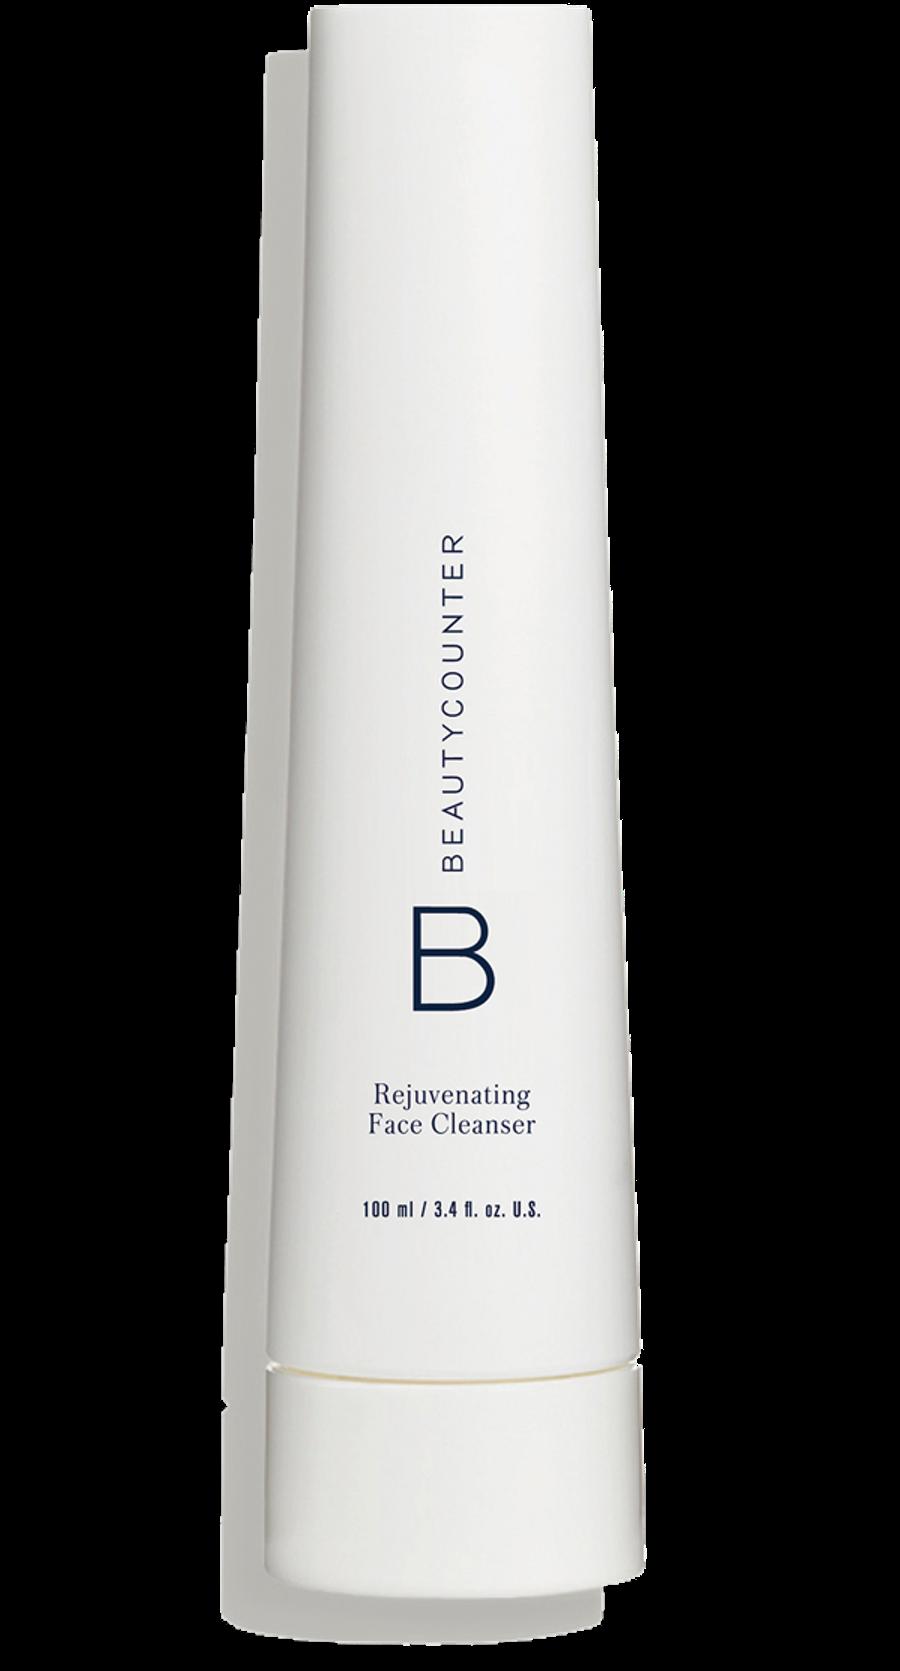 Rejuvenating Face Cleanser.png